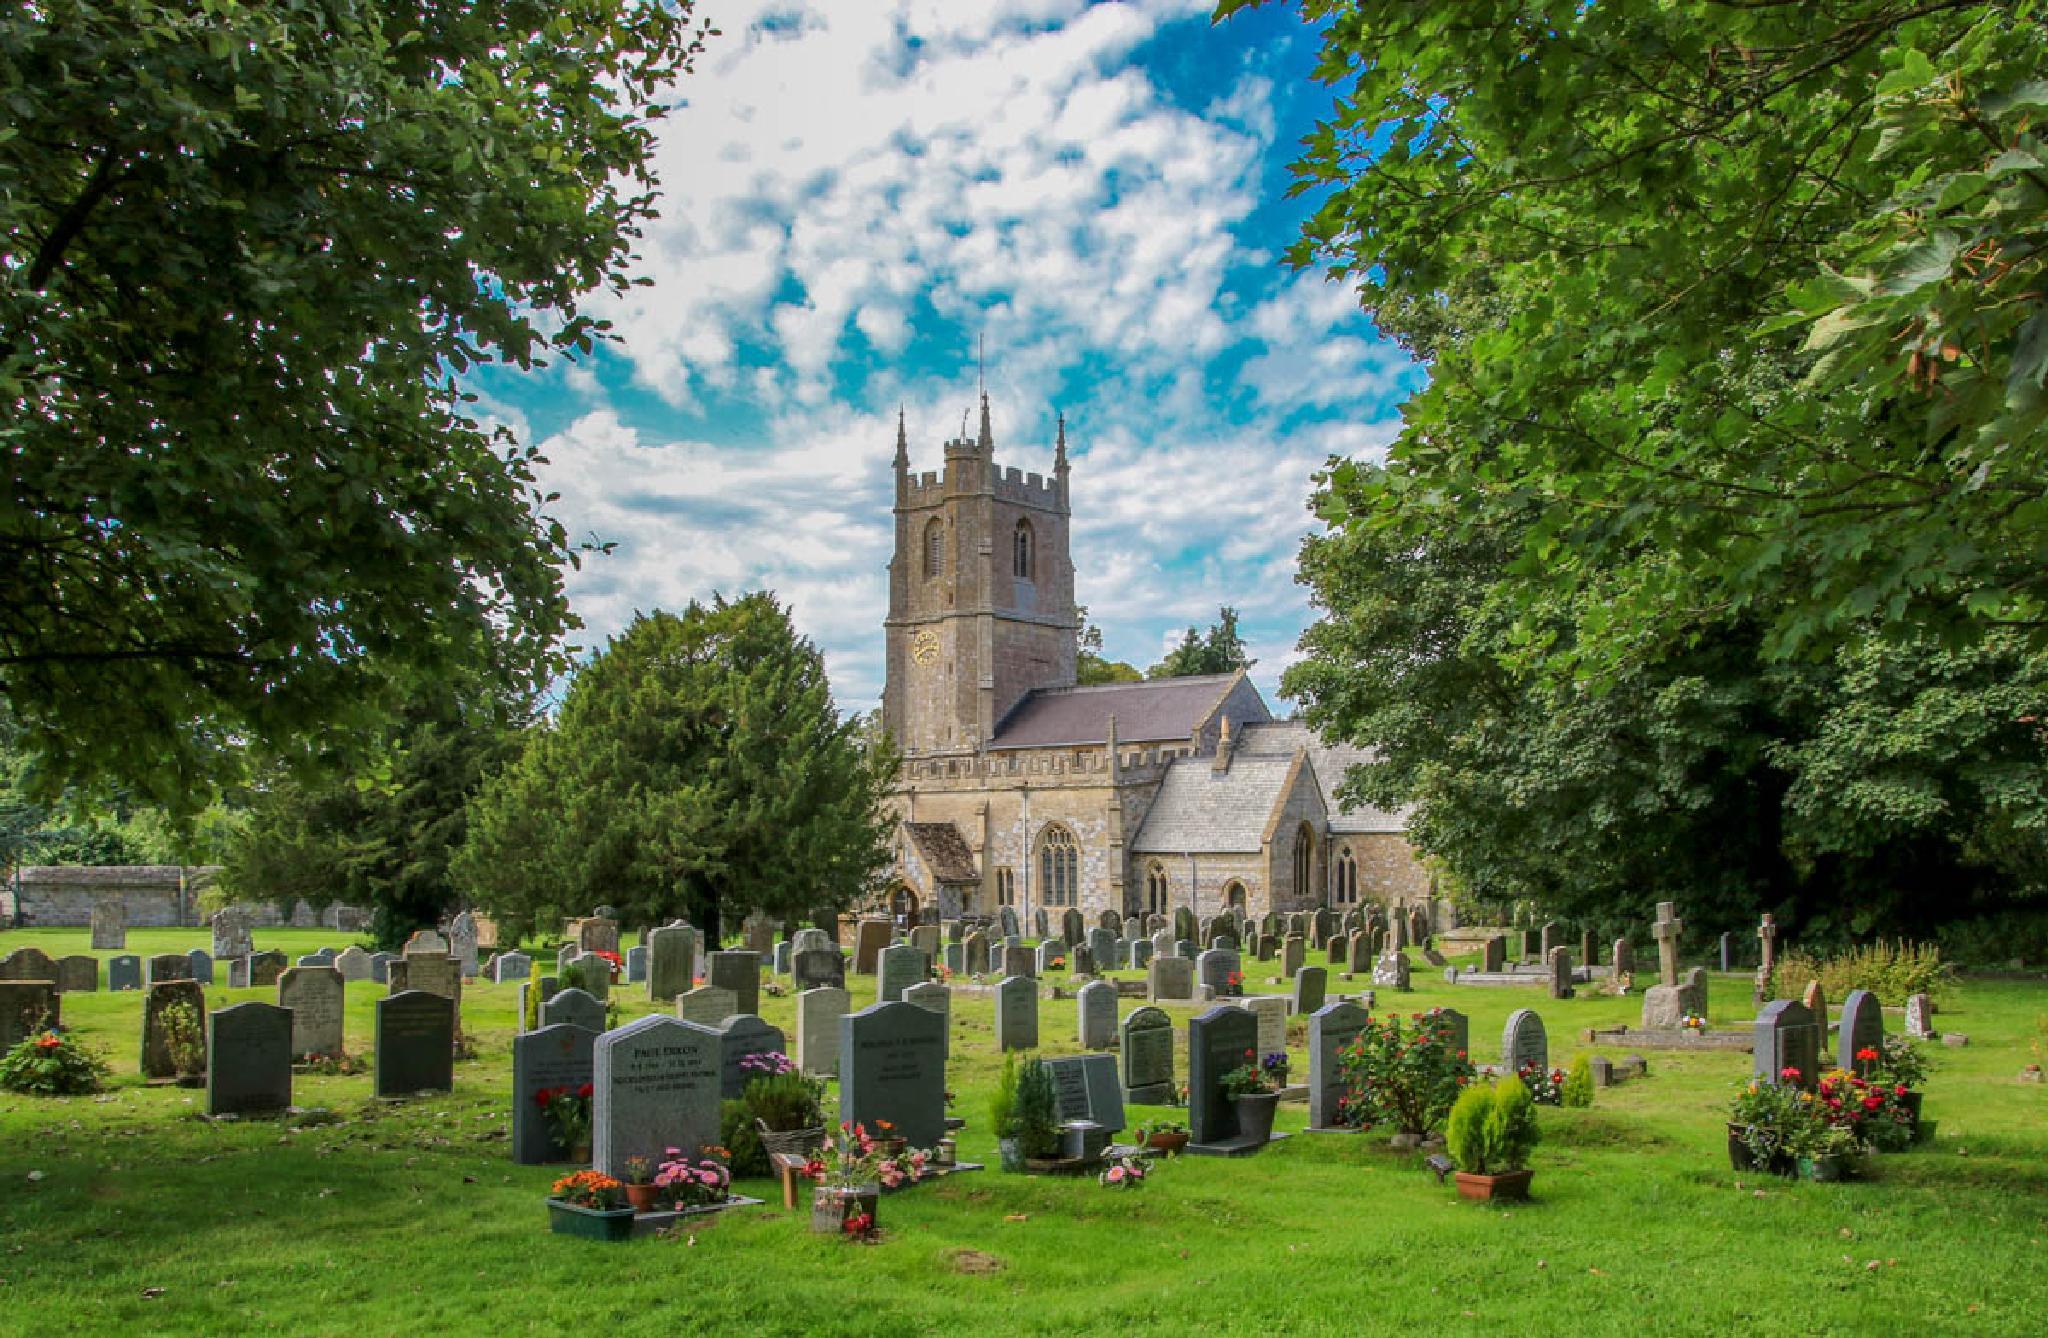 Avebury church Wiltshire by MarkBriscoe